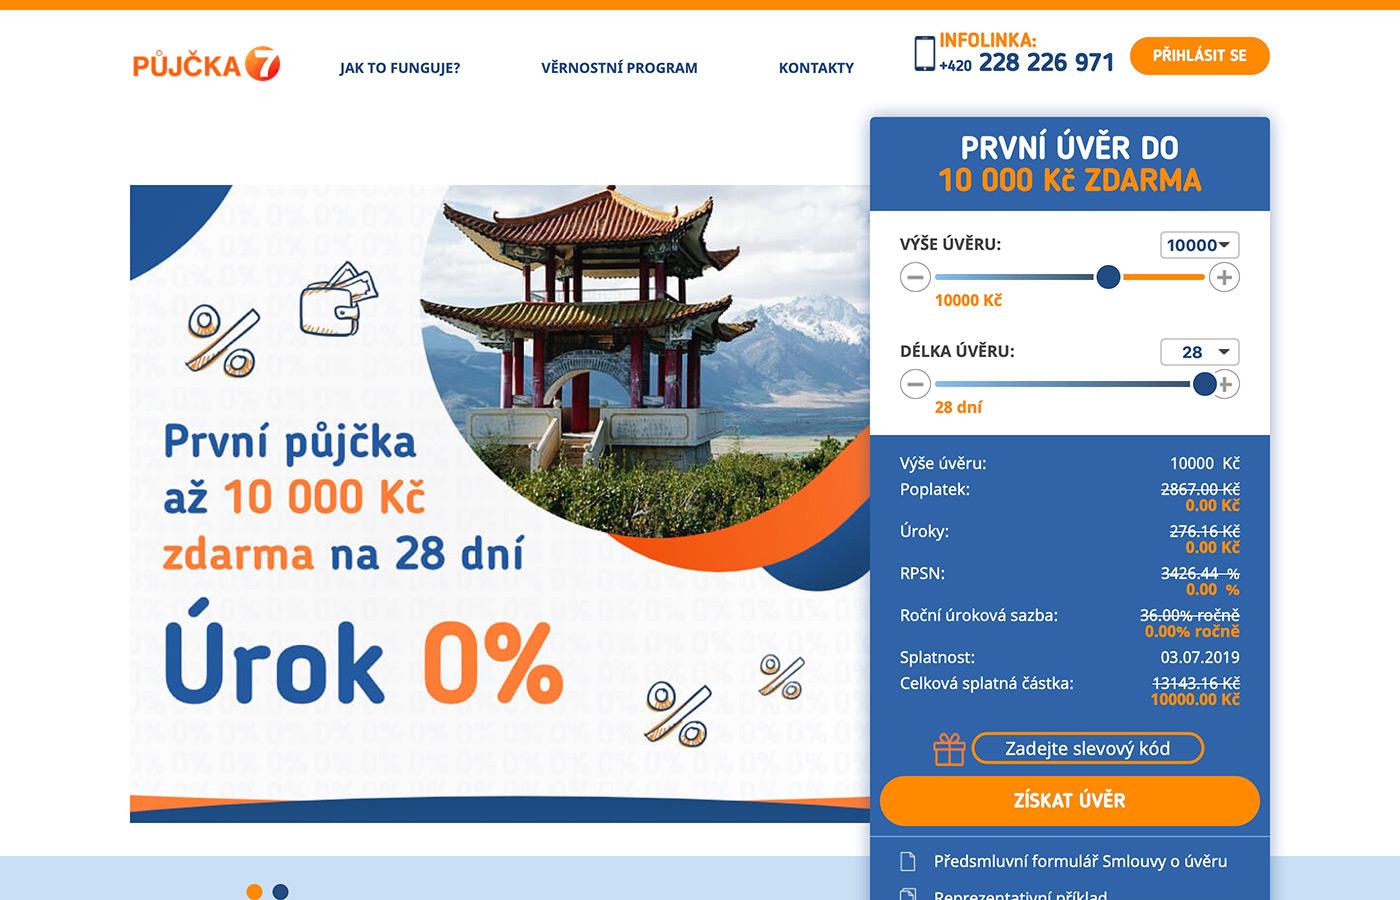 Webové stránky https://www.pujcka7.cz